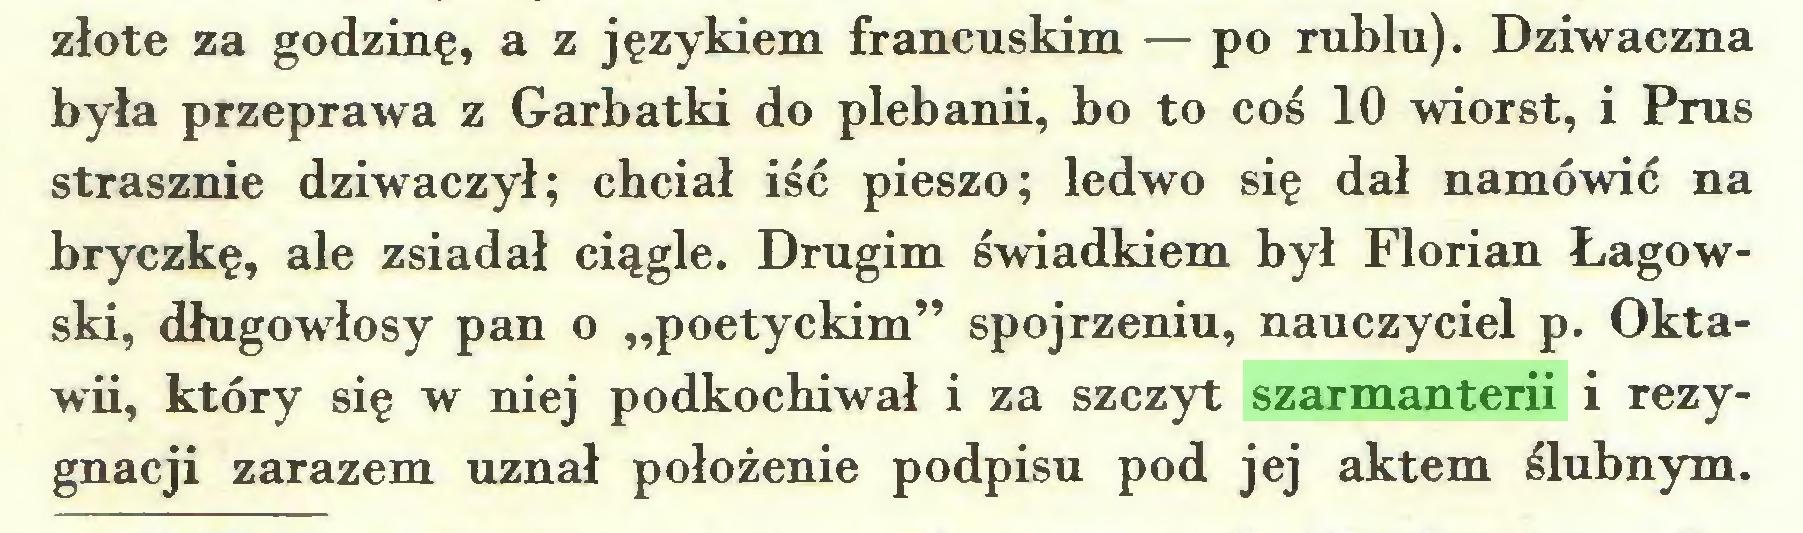 """(...) złote za godzinę, a z językiem francuskim — po rublu). Dziwaczna była przeprawa z Garbatki do plebanii, bo to coś 10 wiorst, i Prus strasznie dziwaczył; chciał iść pieszo; ledwo się dał namówić na bryczkę, ale zsiadał ciągle. Drugim świadkiem był Florian Łagowski, długowłosy pan o """"poetyckim"""" spojrzeniu, nauczyciel p. Oktawii, który się w niej podkochiwał i za szczyt szarmanterii i rezygnacji zarazem uznał położenie podpisu pod jej aktem ślubnym..."""